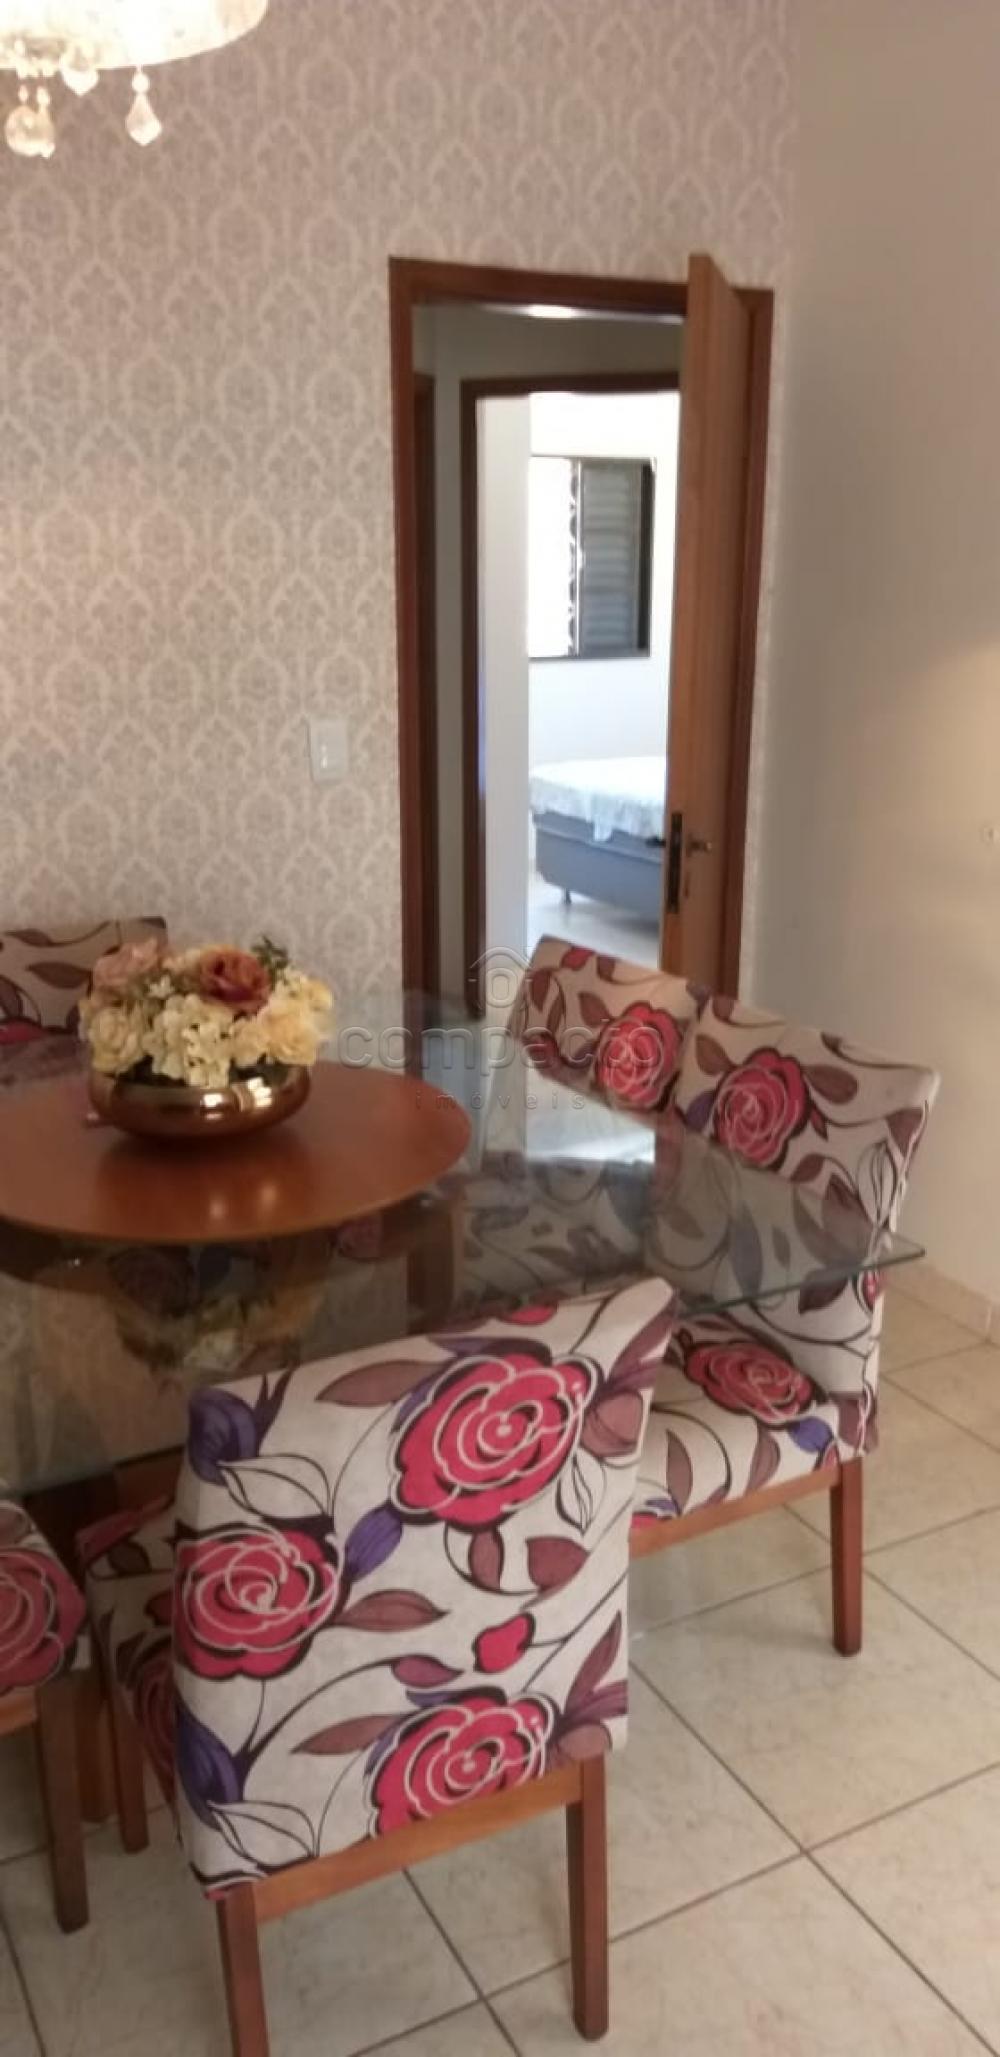 Comprar Casa / Padrão em São José do Rio Preto apenas R$ 420.000,00 - Foto 4